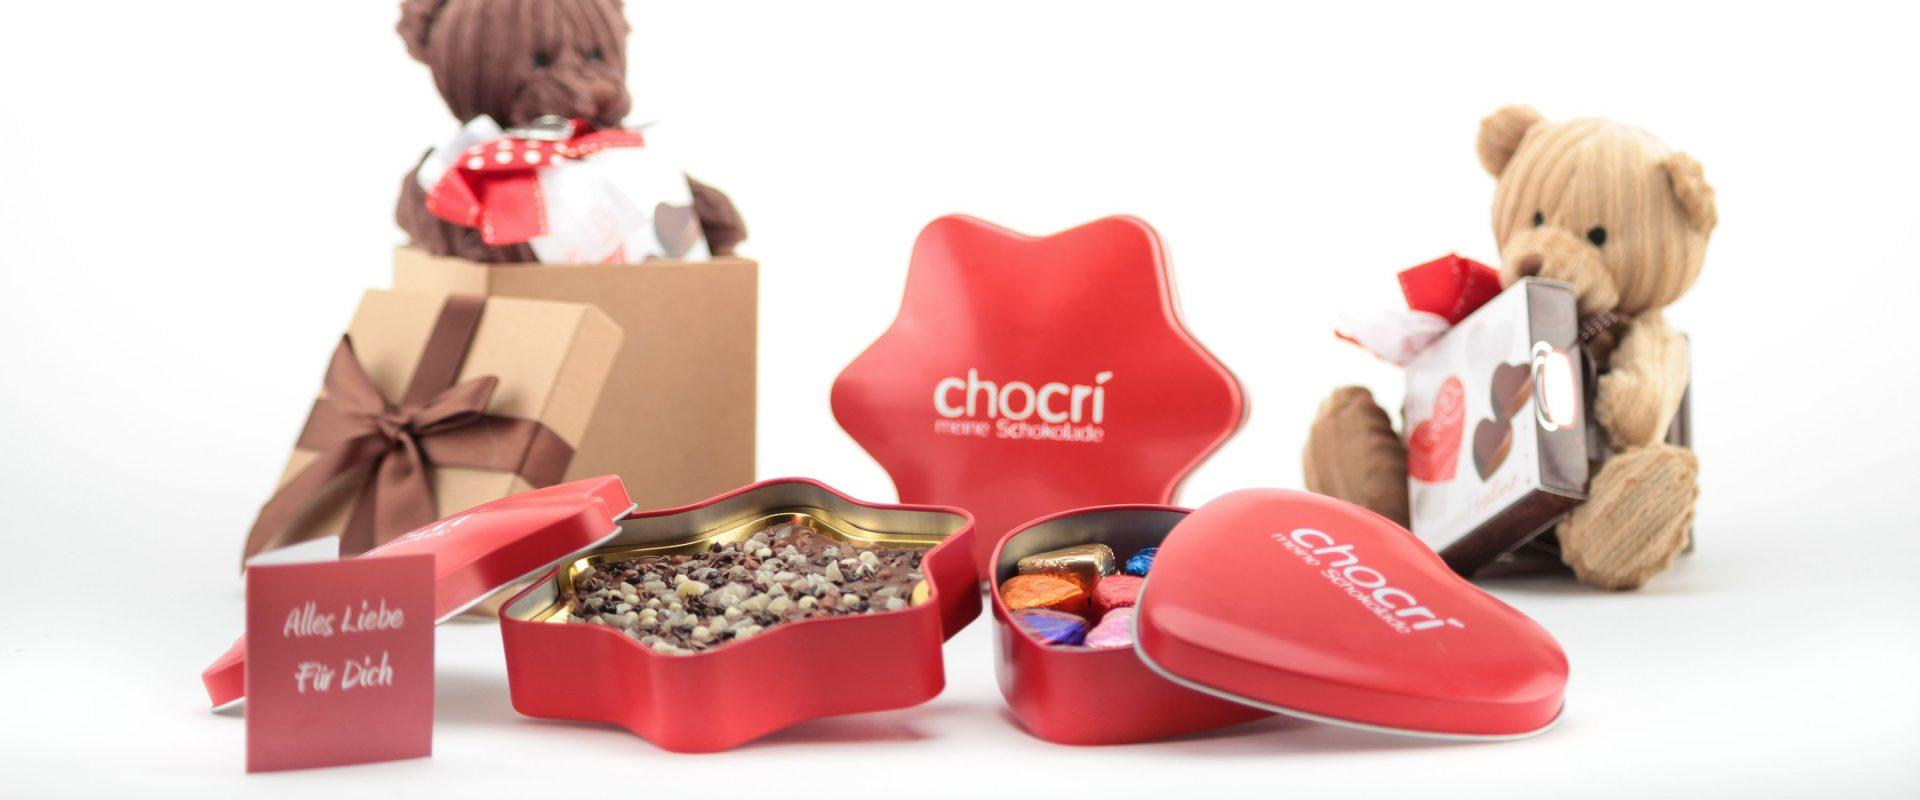 chocri Überraschungspaket